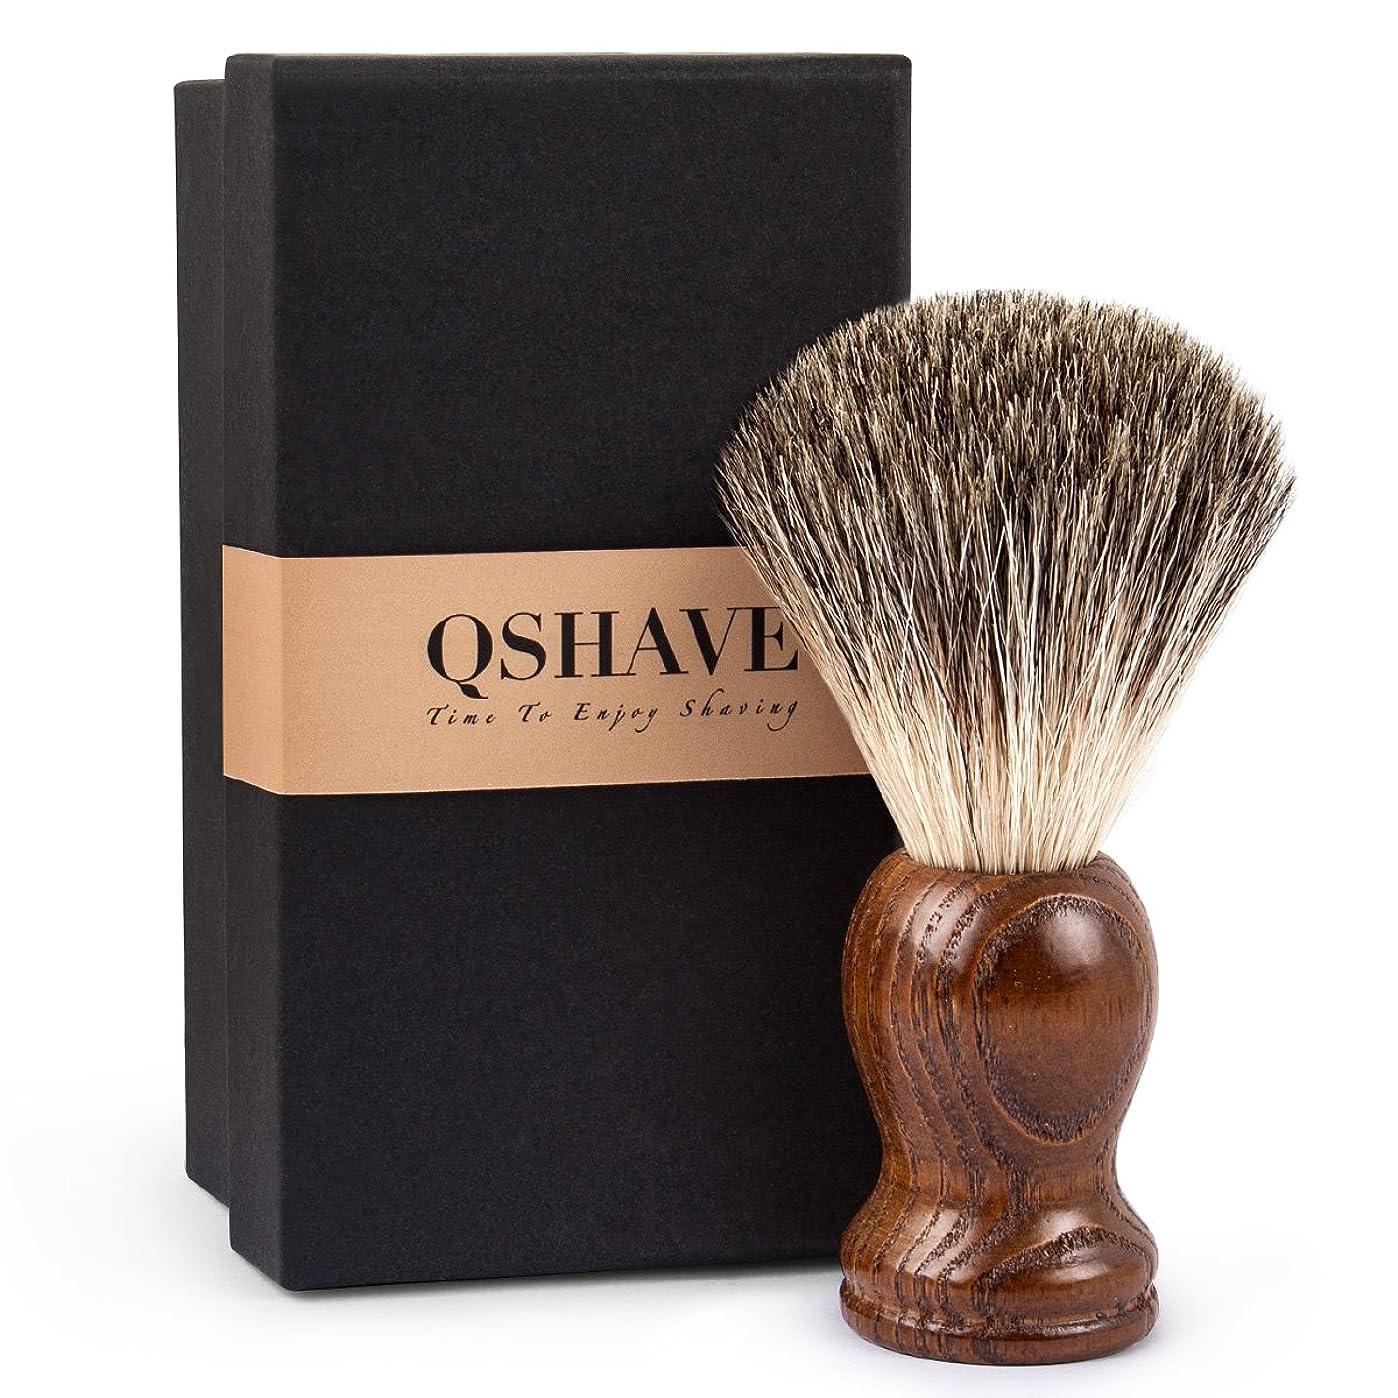 任命ナビゲーション時折QSHAVE 100%アナグマ毛 木製ハンドル オリジナルハンドメイドシェービングブラシ。ウェットシェービング、安全カミソリ、両刃カミソリに最適